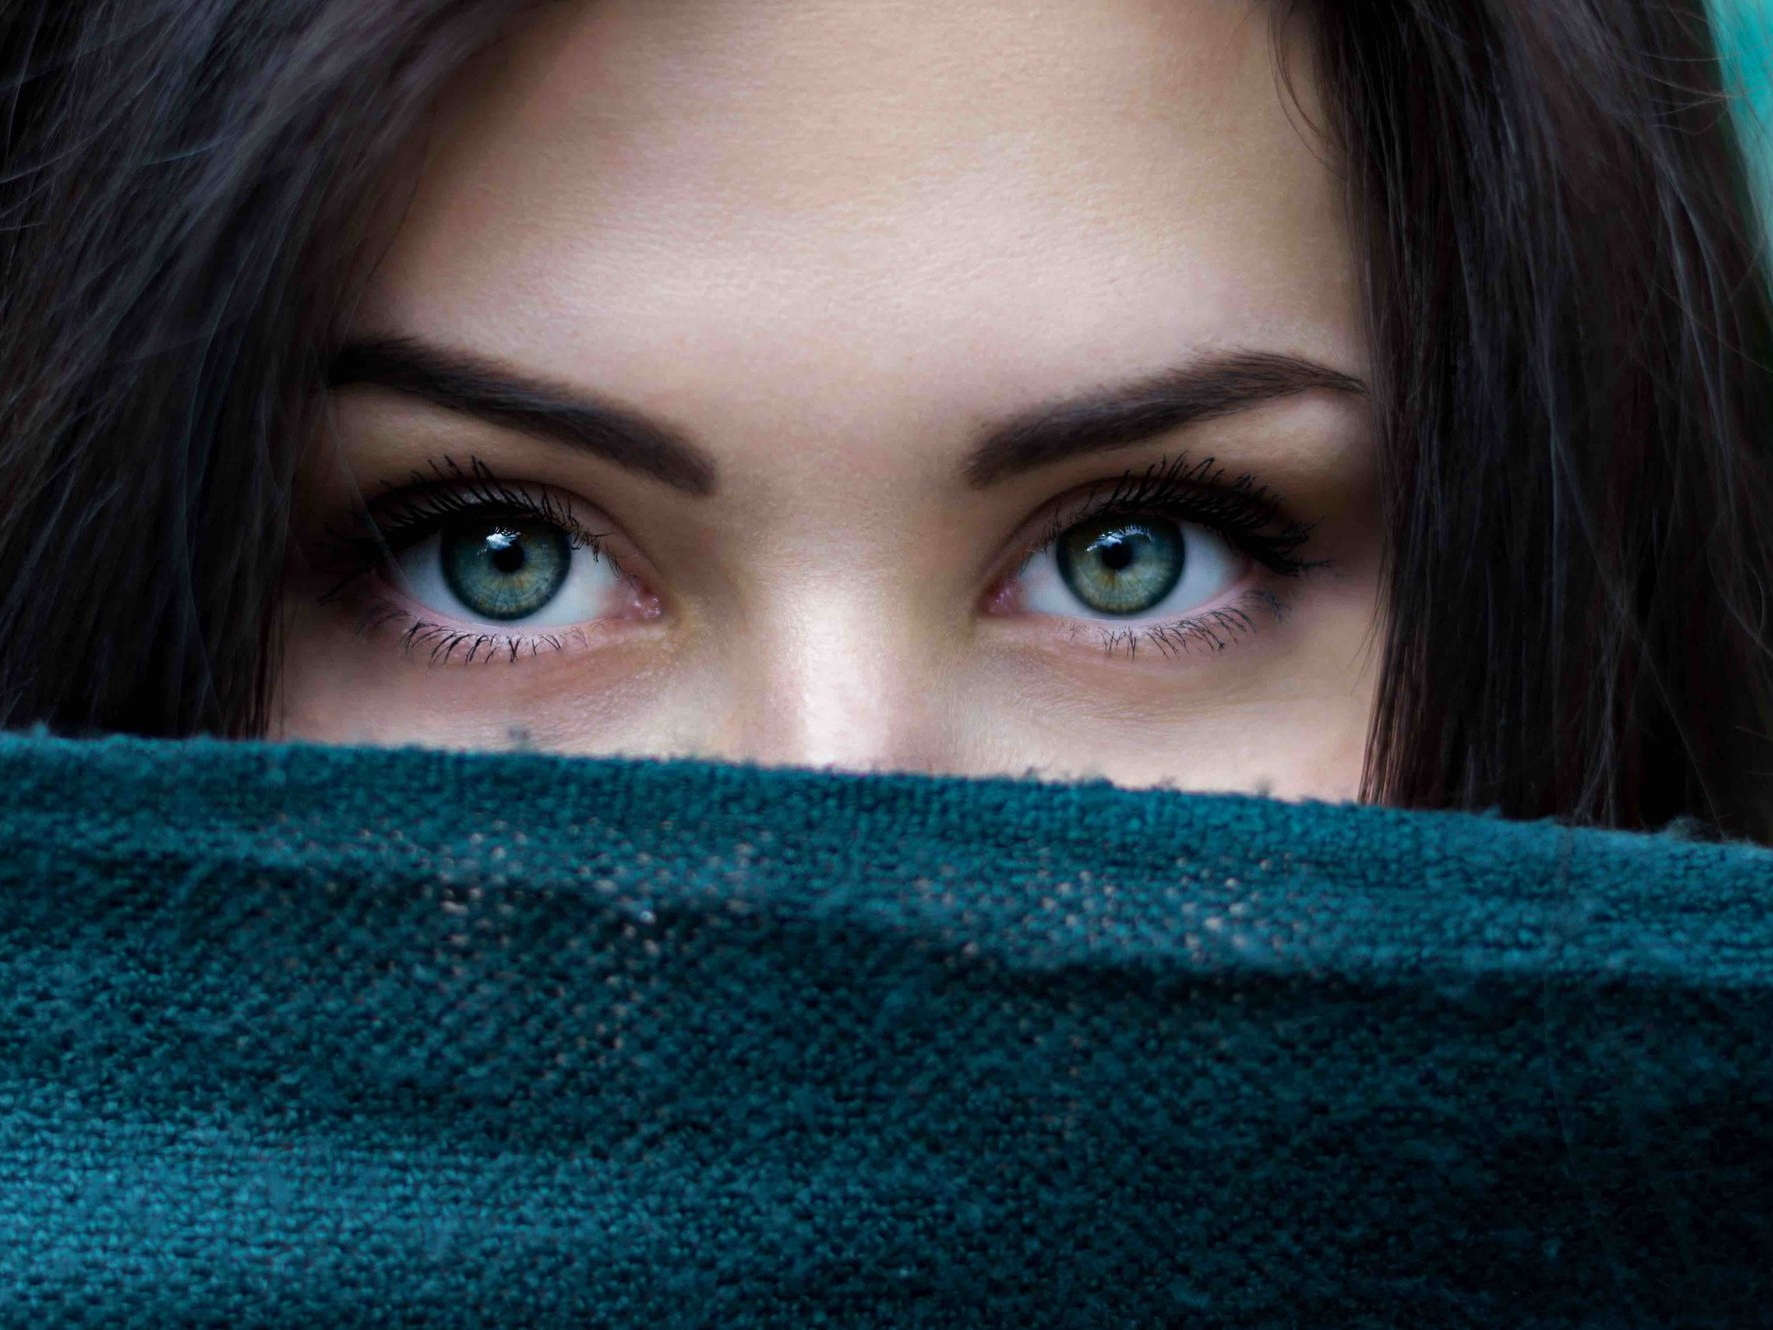 Cosa causa le borse e le occhiaie? - Con l'avanzare dell'età la nostra pelle subisce un processo di assottigliamento dei tessuti del contorno occhi causato della naturale degradazione delle fibre di collagene e dalla perdita di elasticità. La zona del contorno occhi è maggiormente predisposta allo sviluppo di piccole rughe, occhiaie e borse dovute alla diminuzione del microcircolo sanguigno.